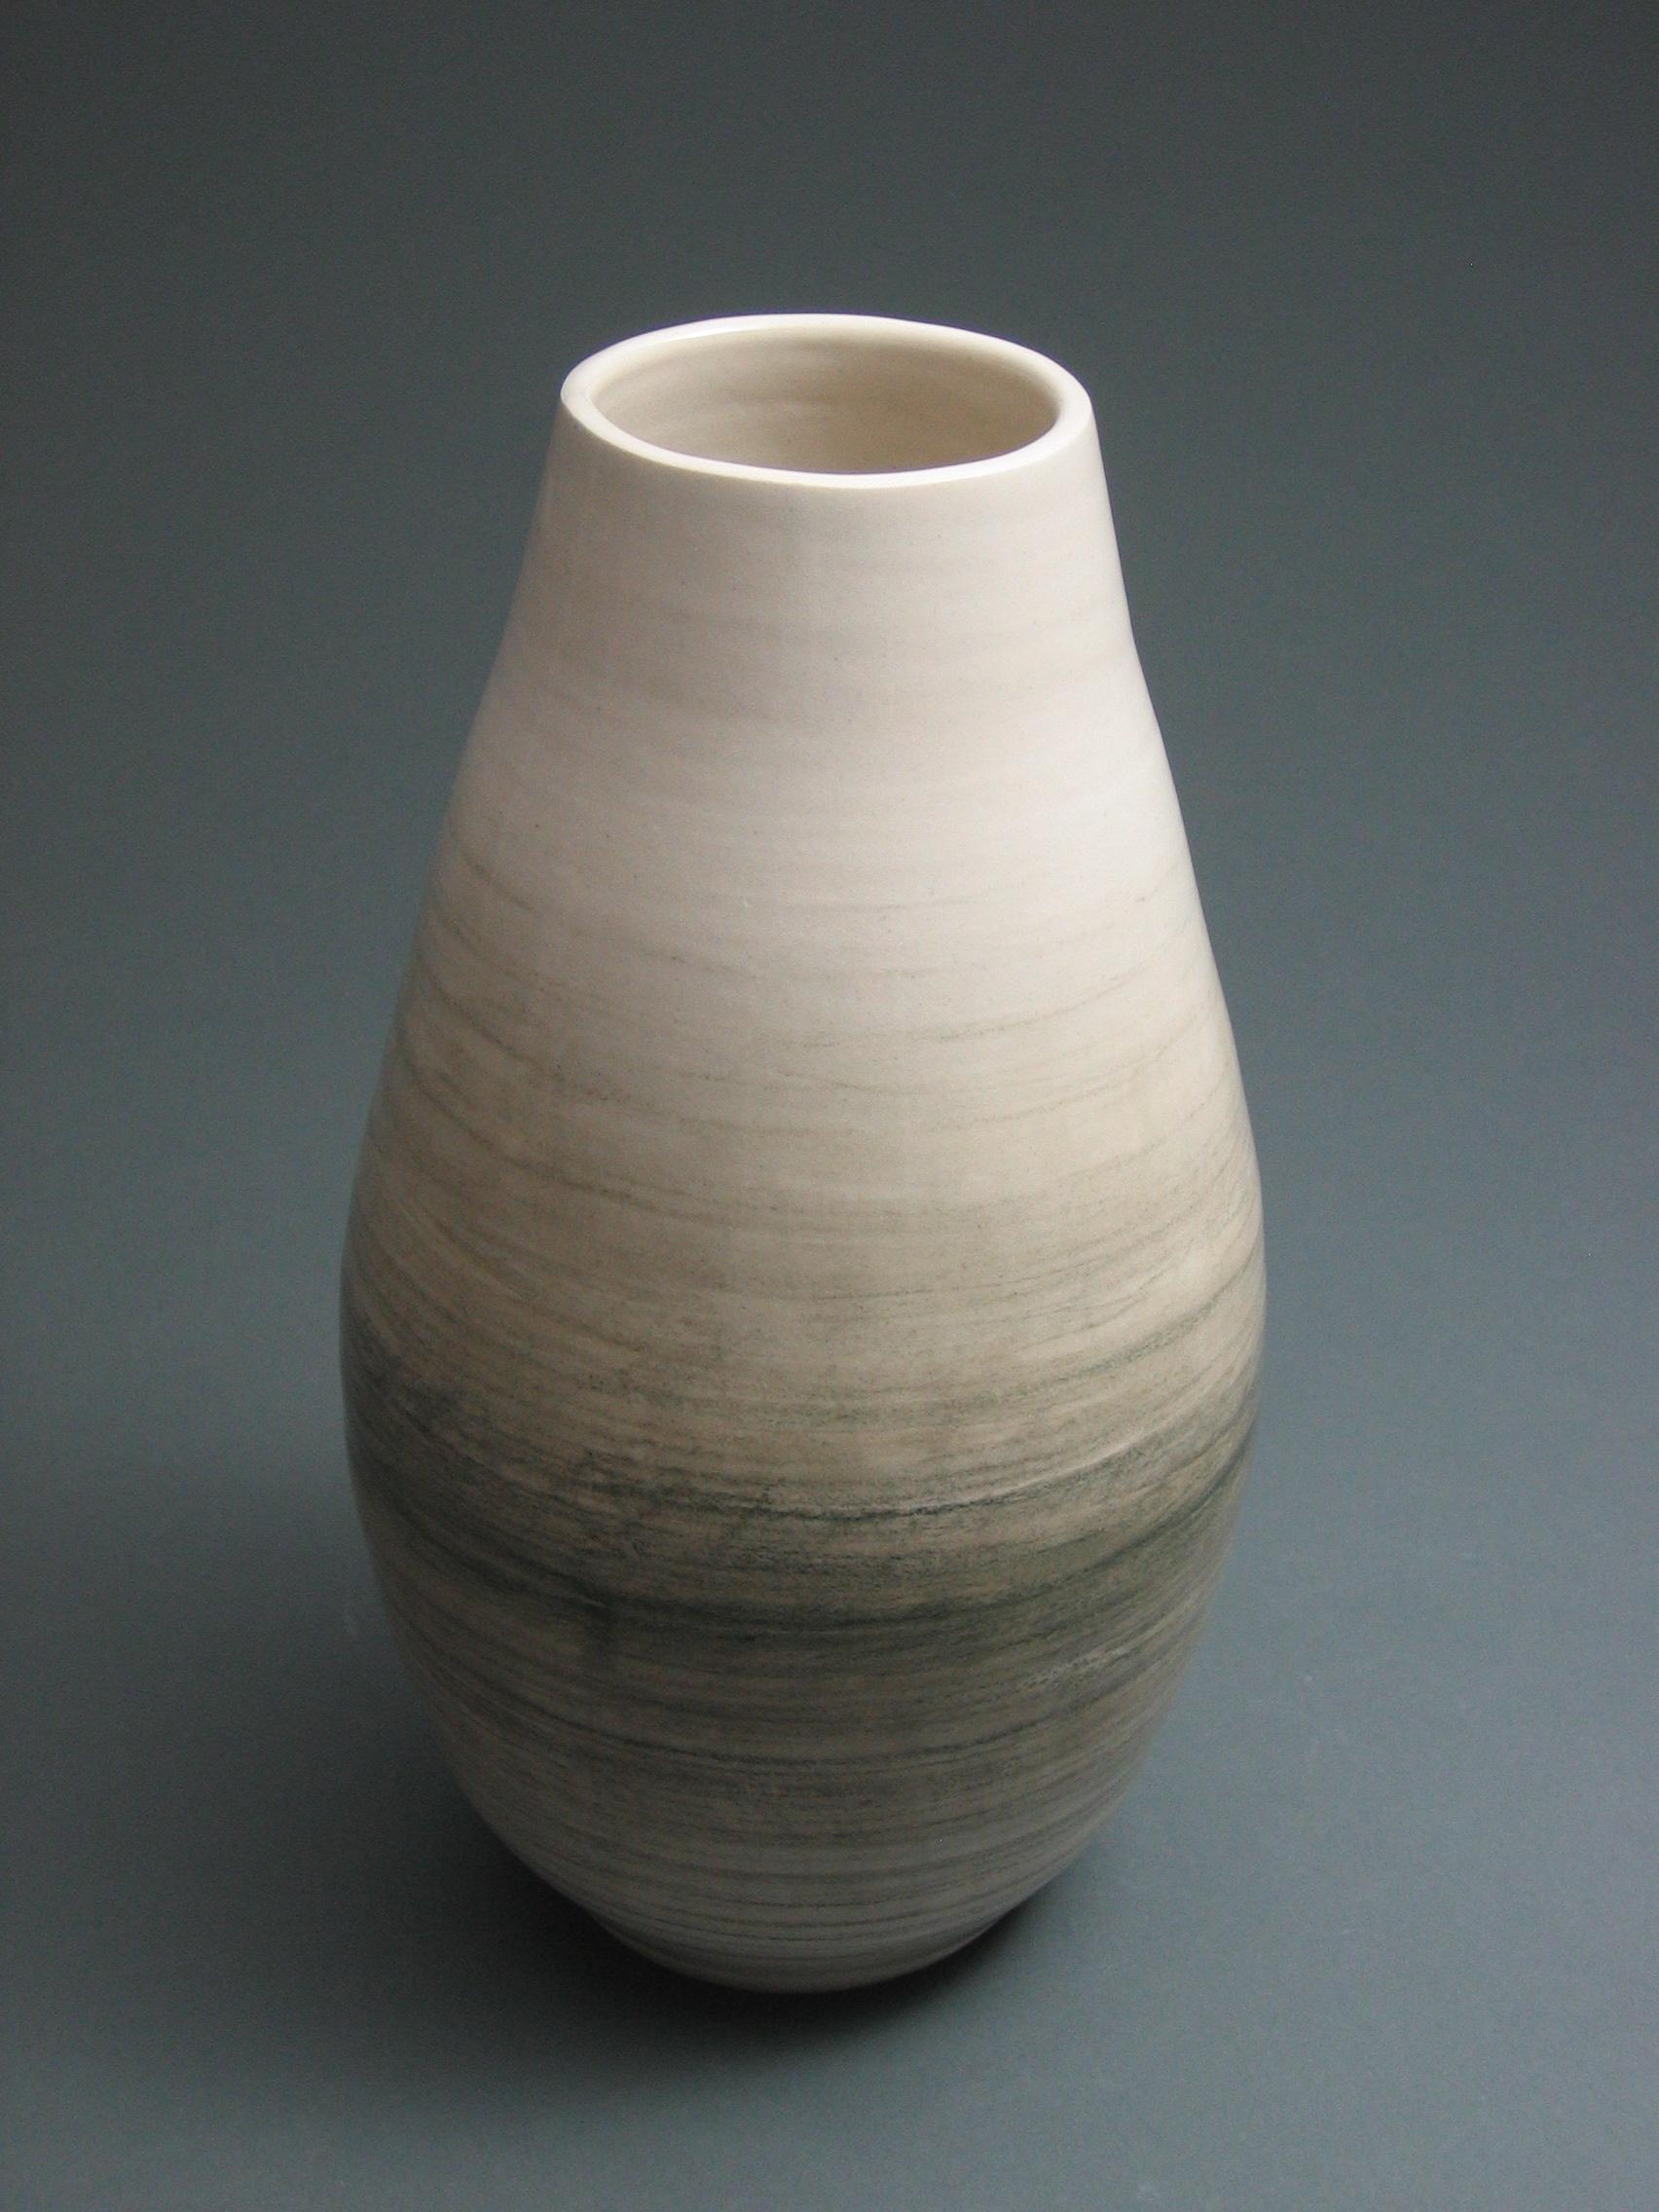 081 Large Sedimentary Vase.JPG